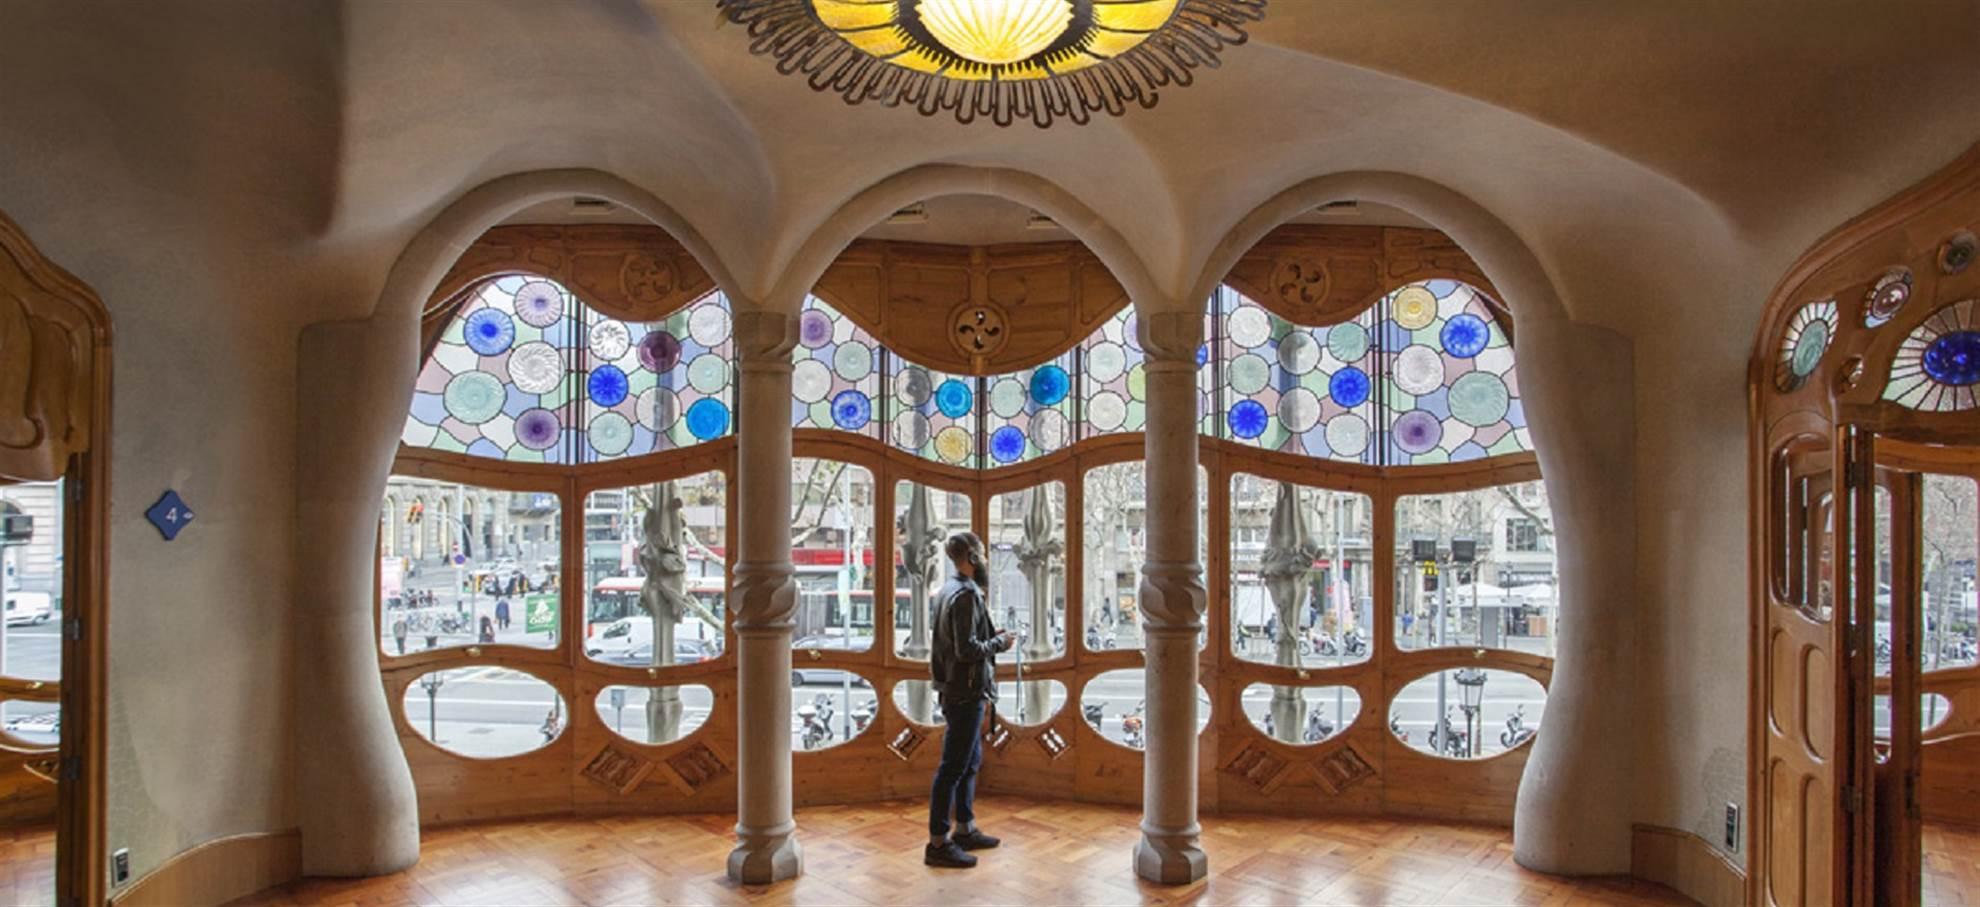 Casa Batlló - Soyez le premier!